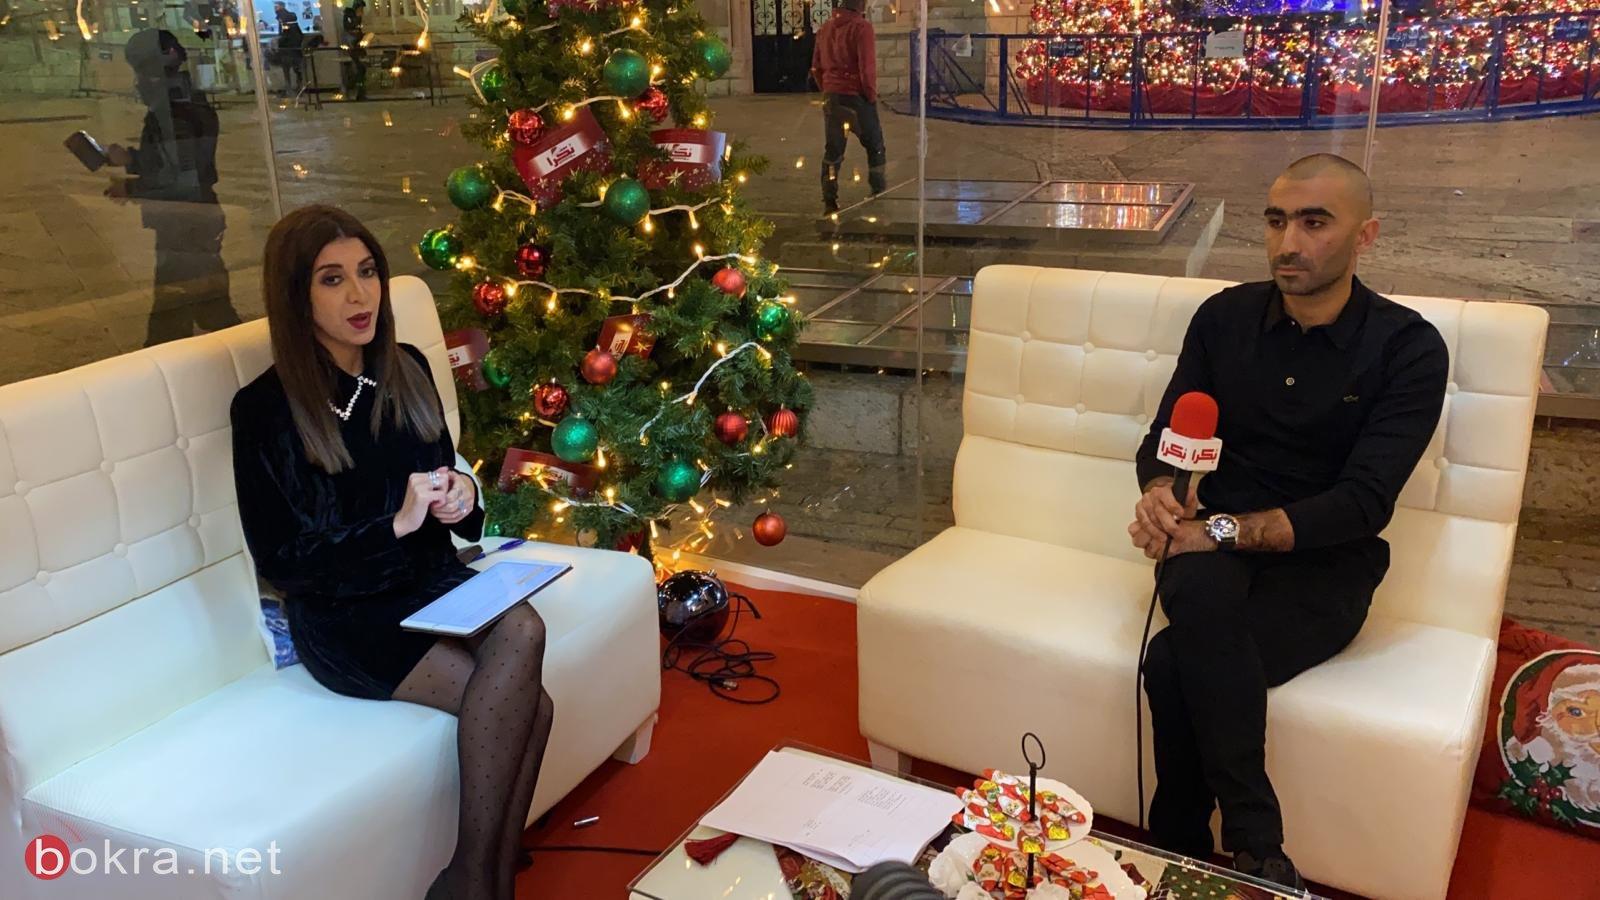 """اليوم اختتام فعاليات ستوديو كريسماس بكرا""""، مقابلات حصرية وخاصة-1"""